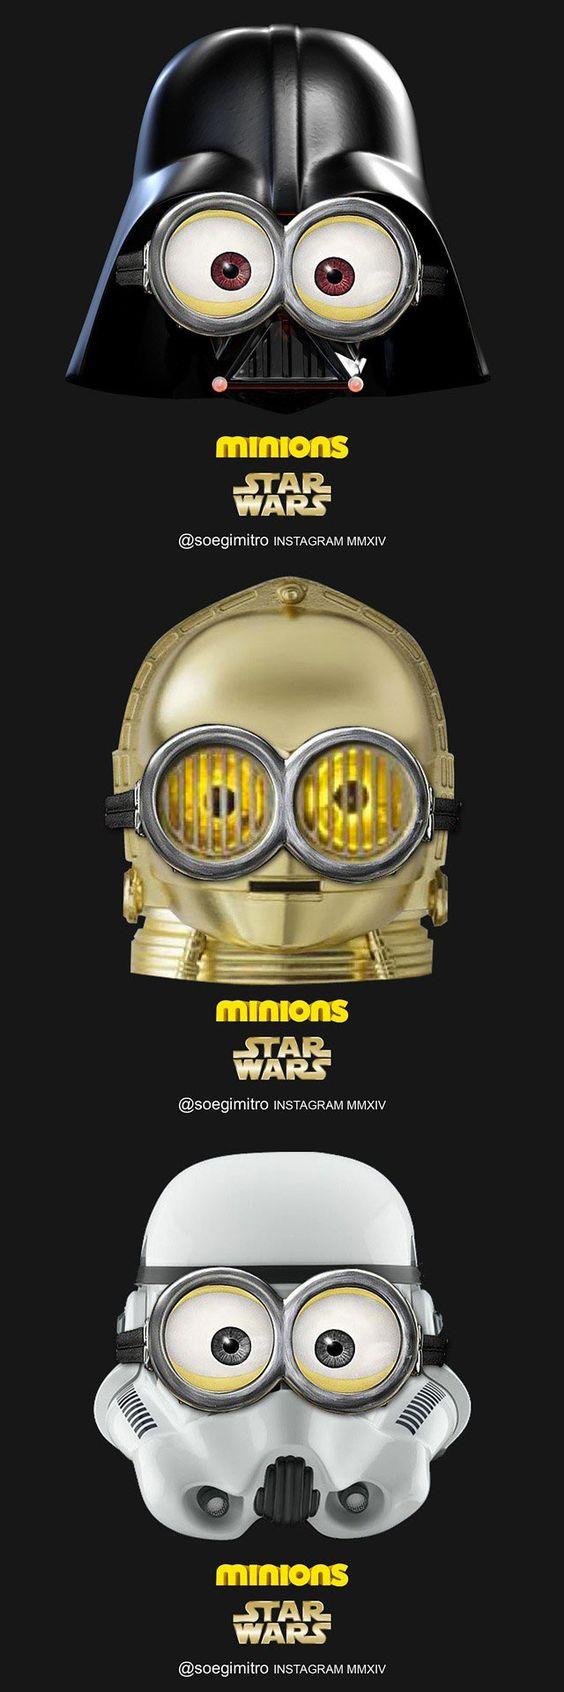 minions star wars